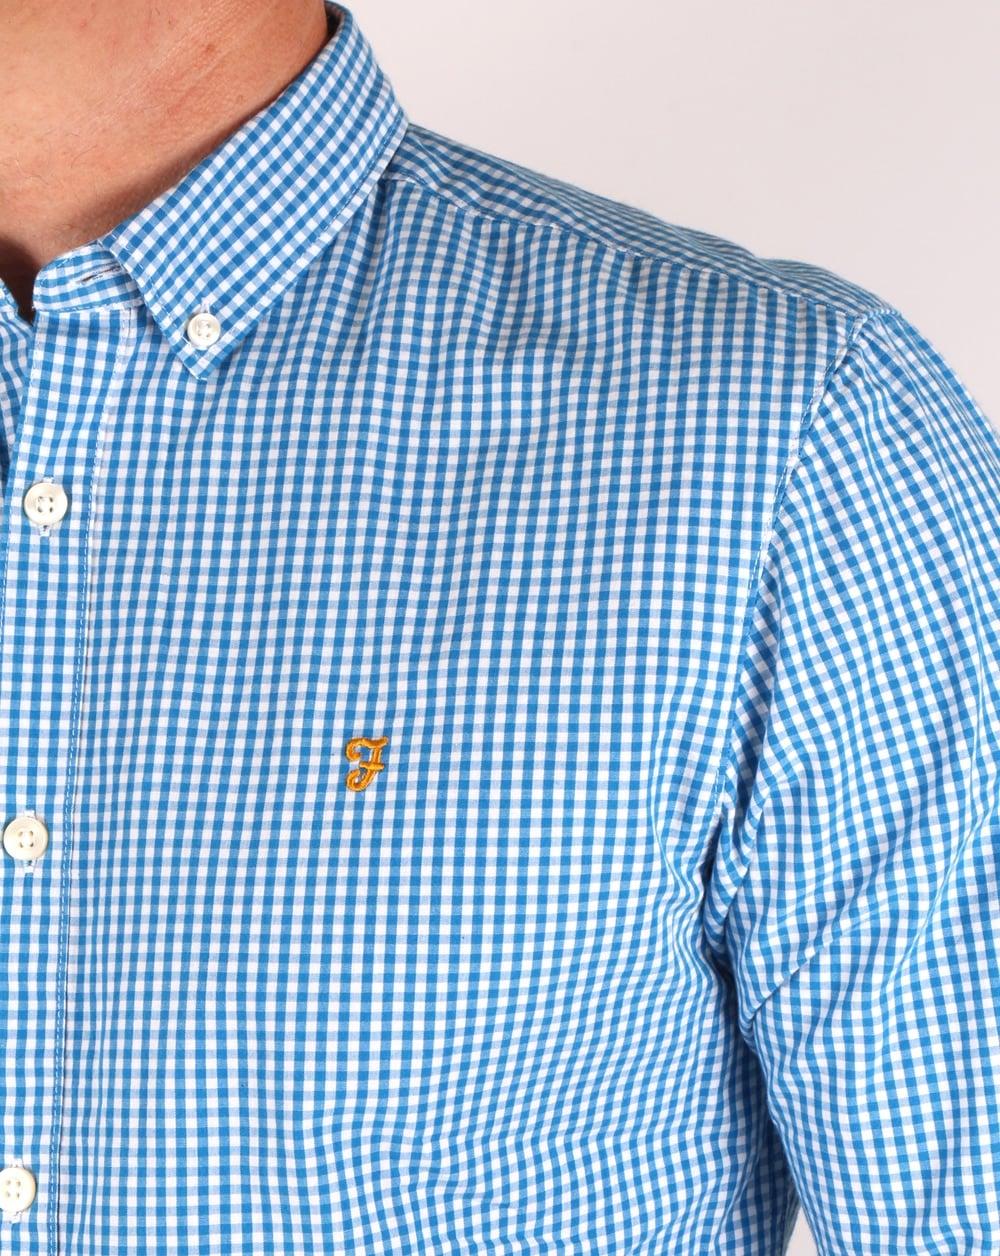 Mens Summer Long Sleeve Shirts